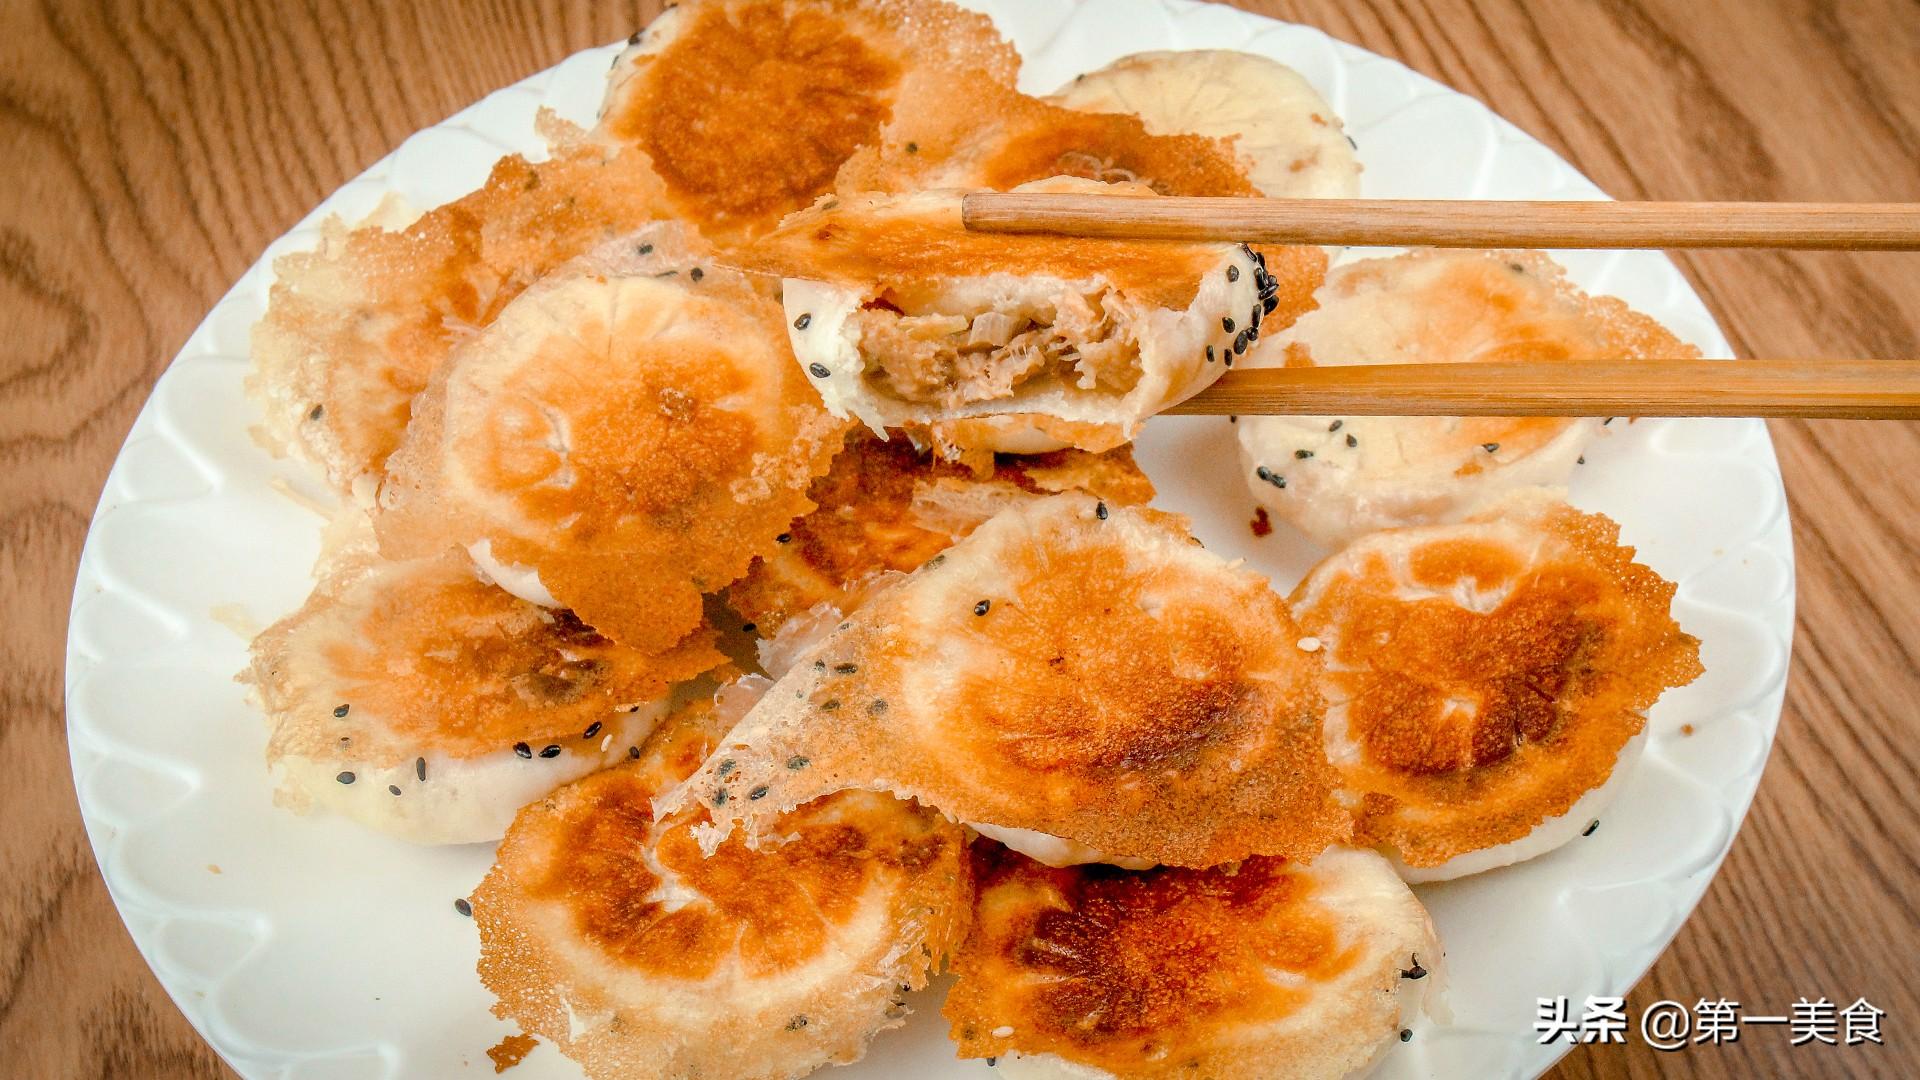 家庭版上海生煎包 厨师长教你如何制作 外焦里嫩 一锅不够吃